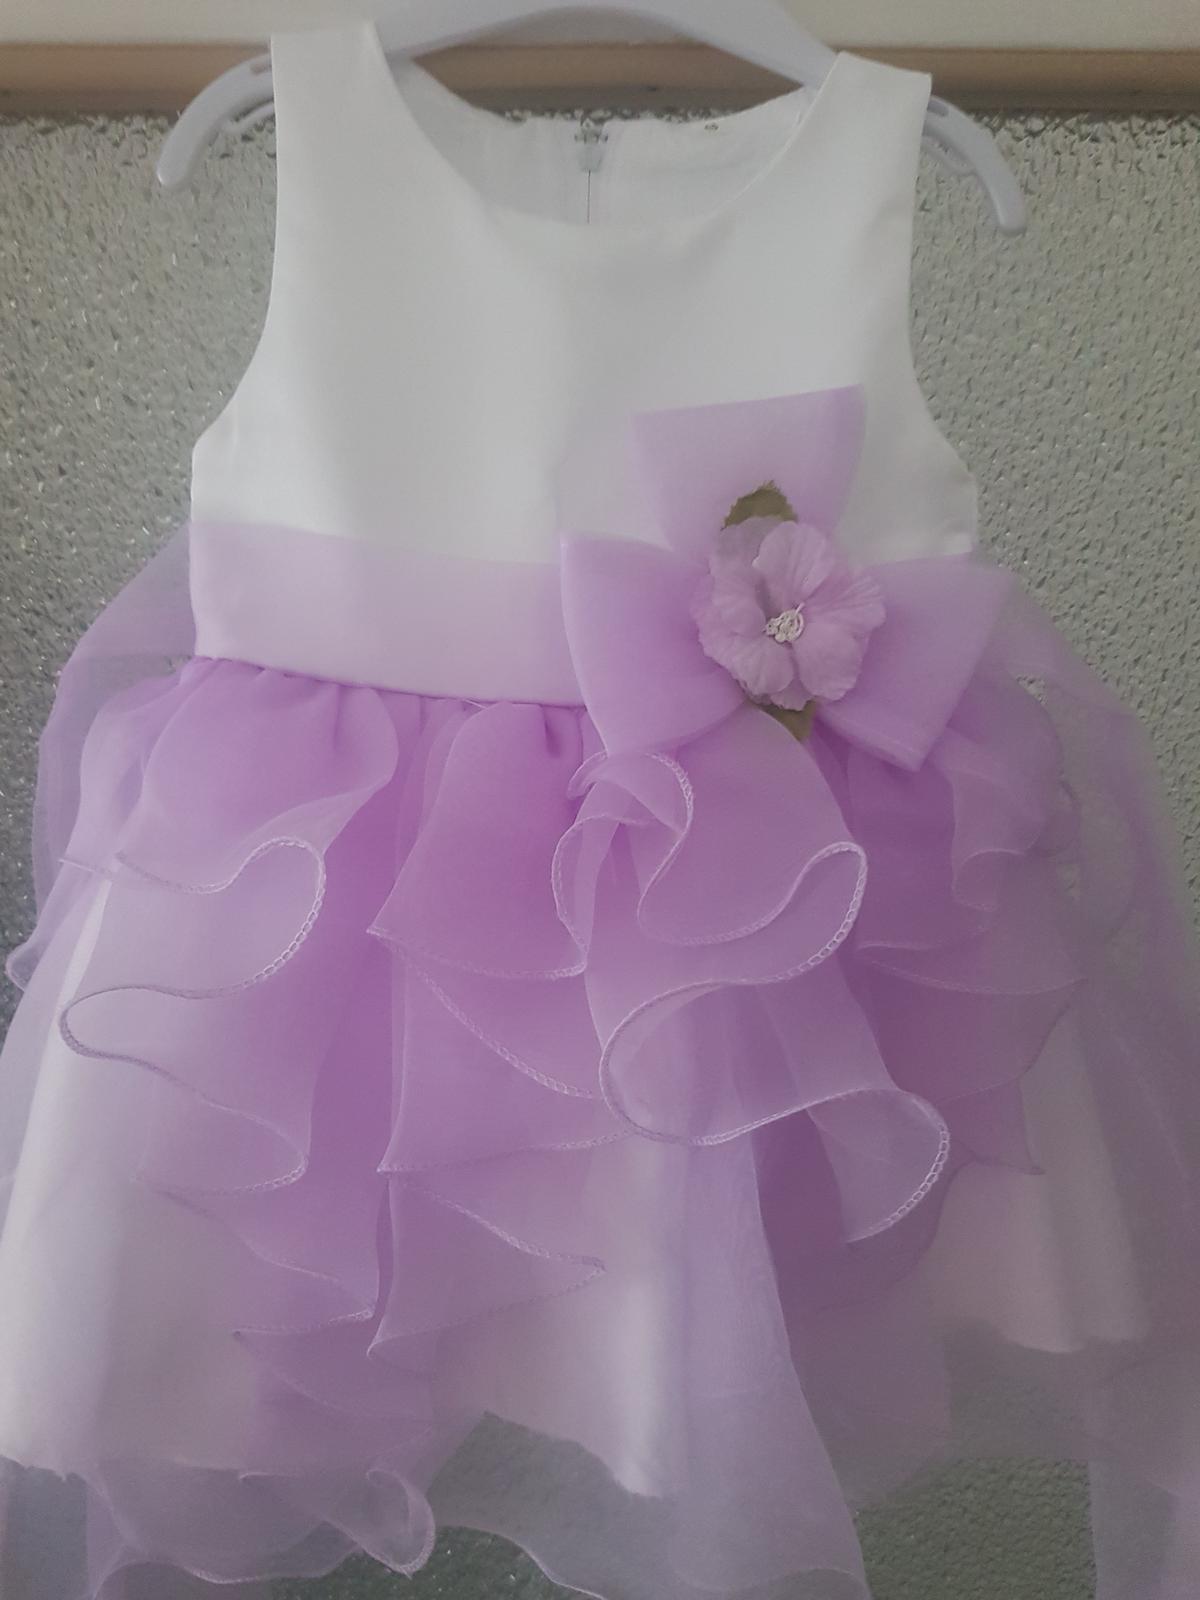 šaty na svadbu pre malu slecnu - Obrázok č. 1